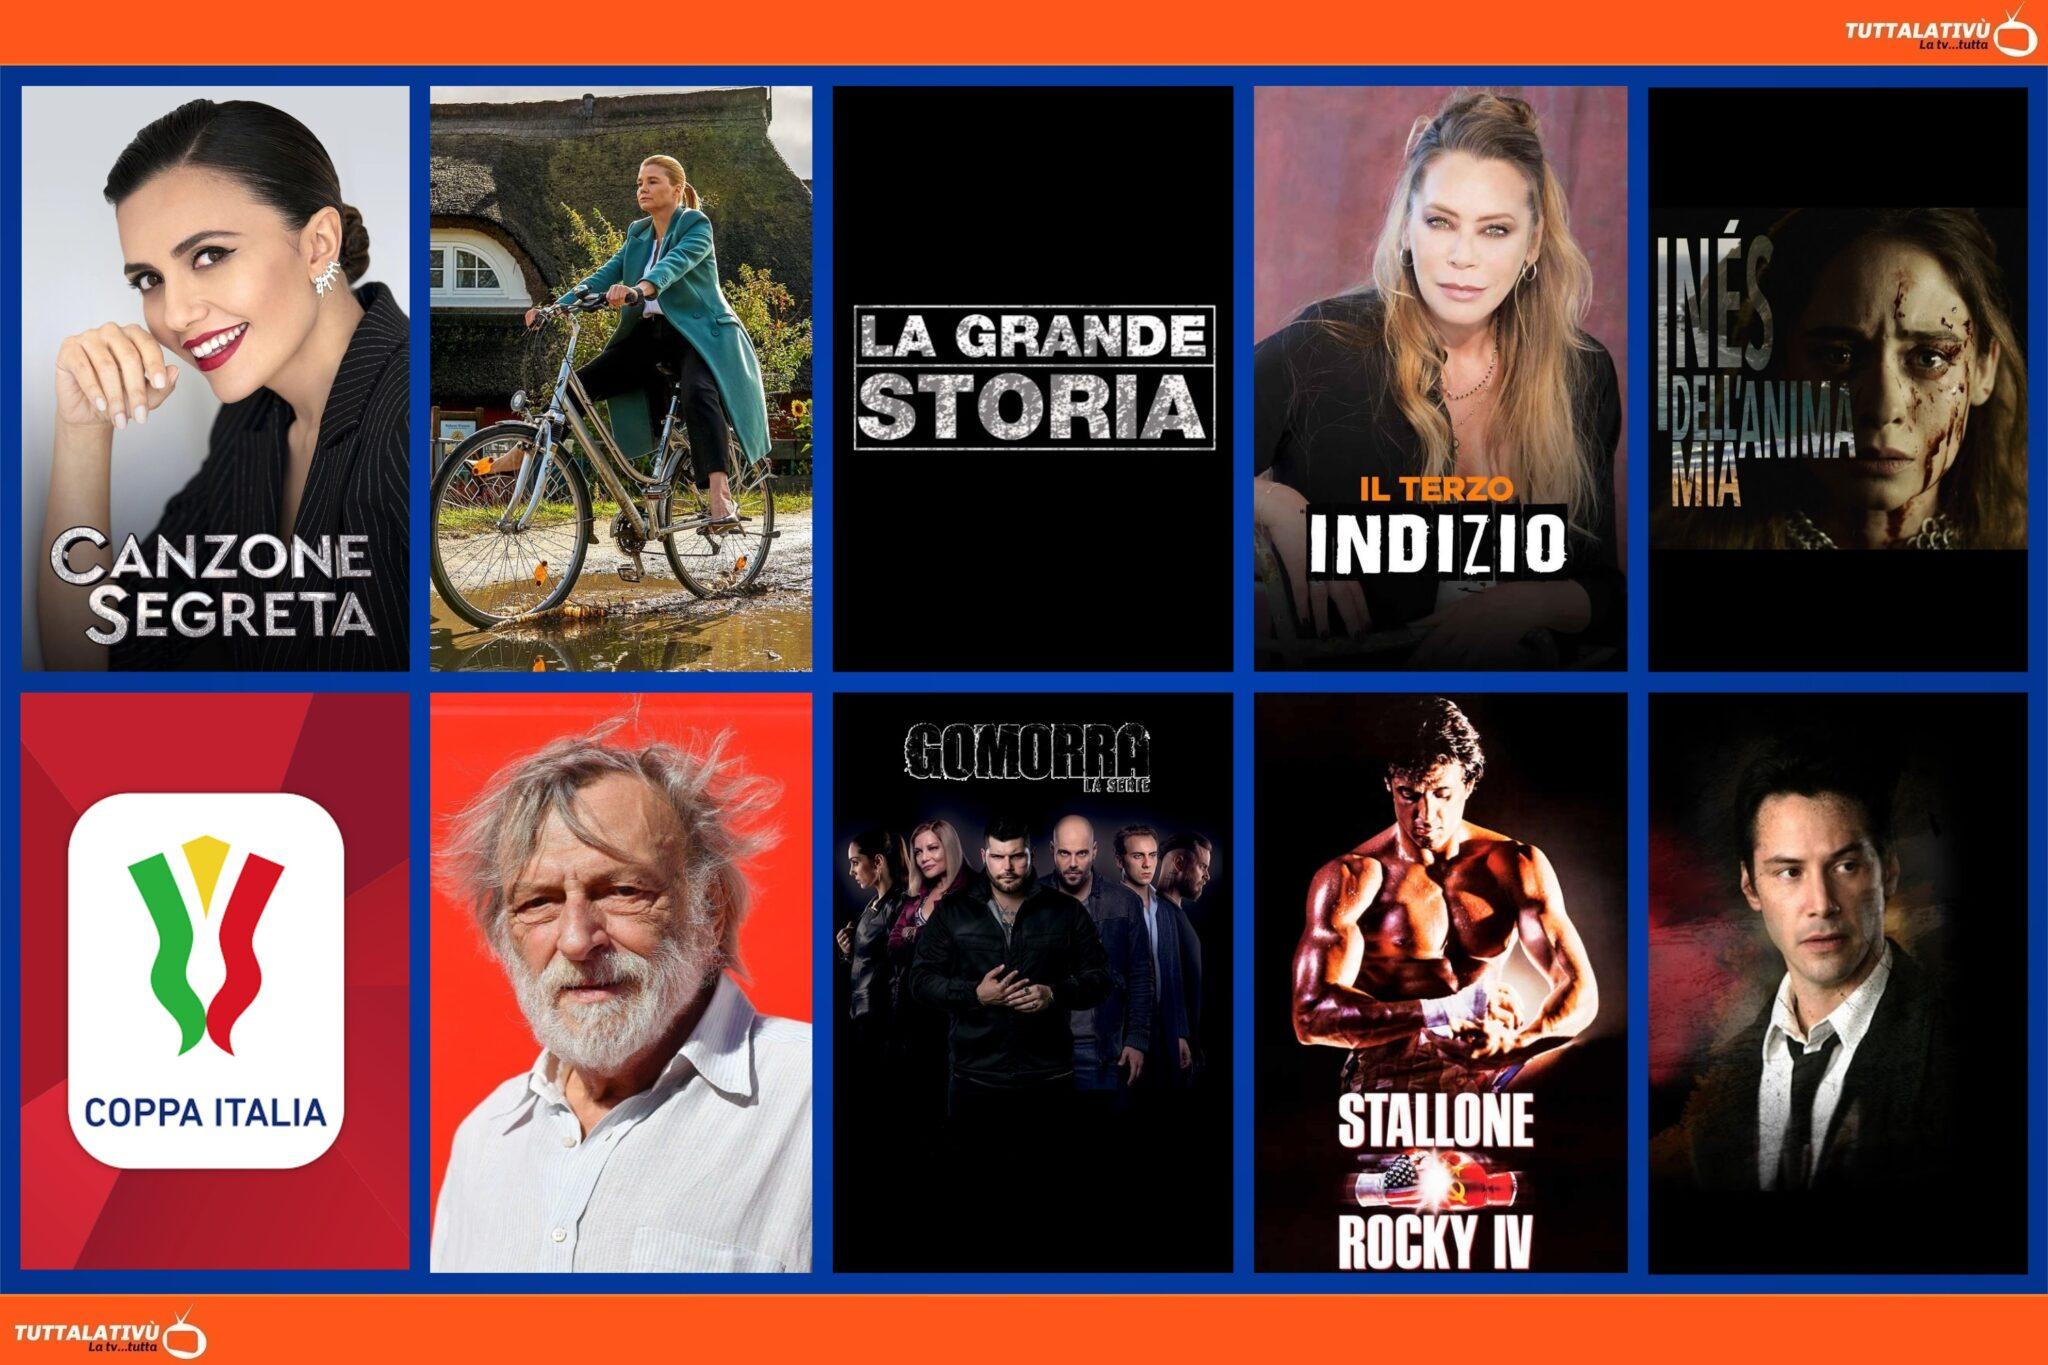 GuidaTV 13 Agosto 2021: Ines dell'anima mia, Canzone Segreta, la Coppa Italia, Ella Schon, il saluto a Gino Strada, Rocky IV, Constantine